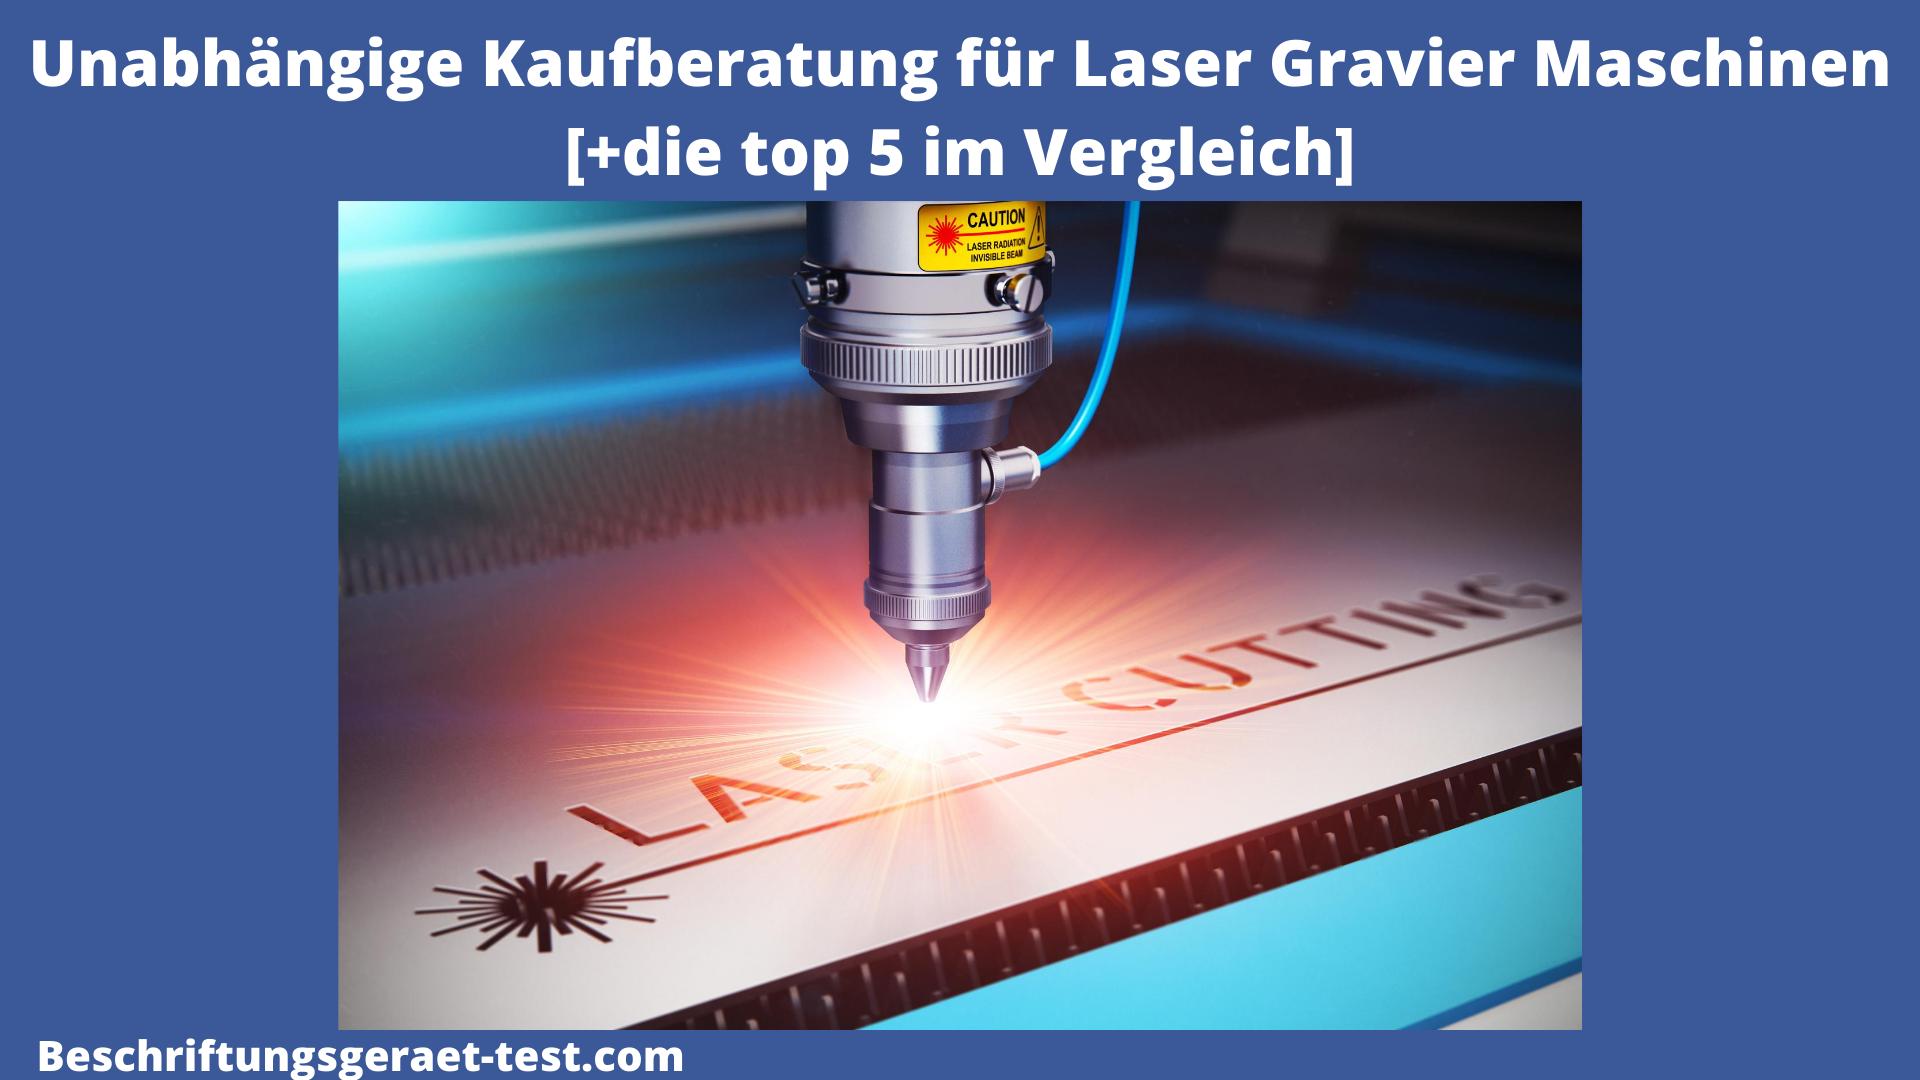 Laser Graviermaschine Test Bild